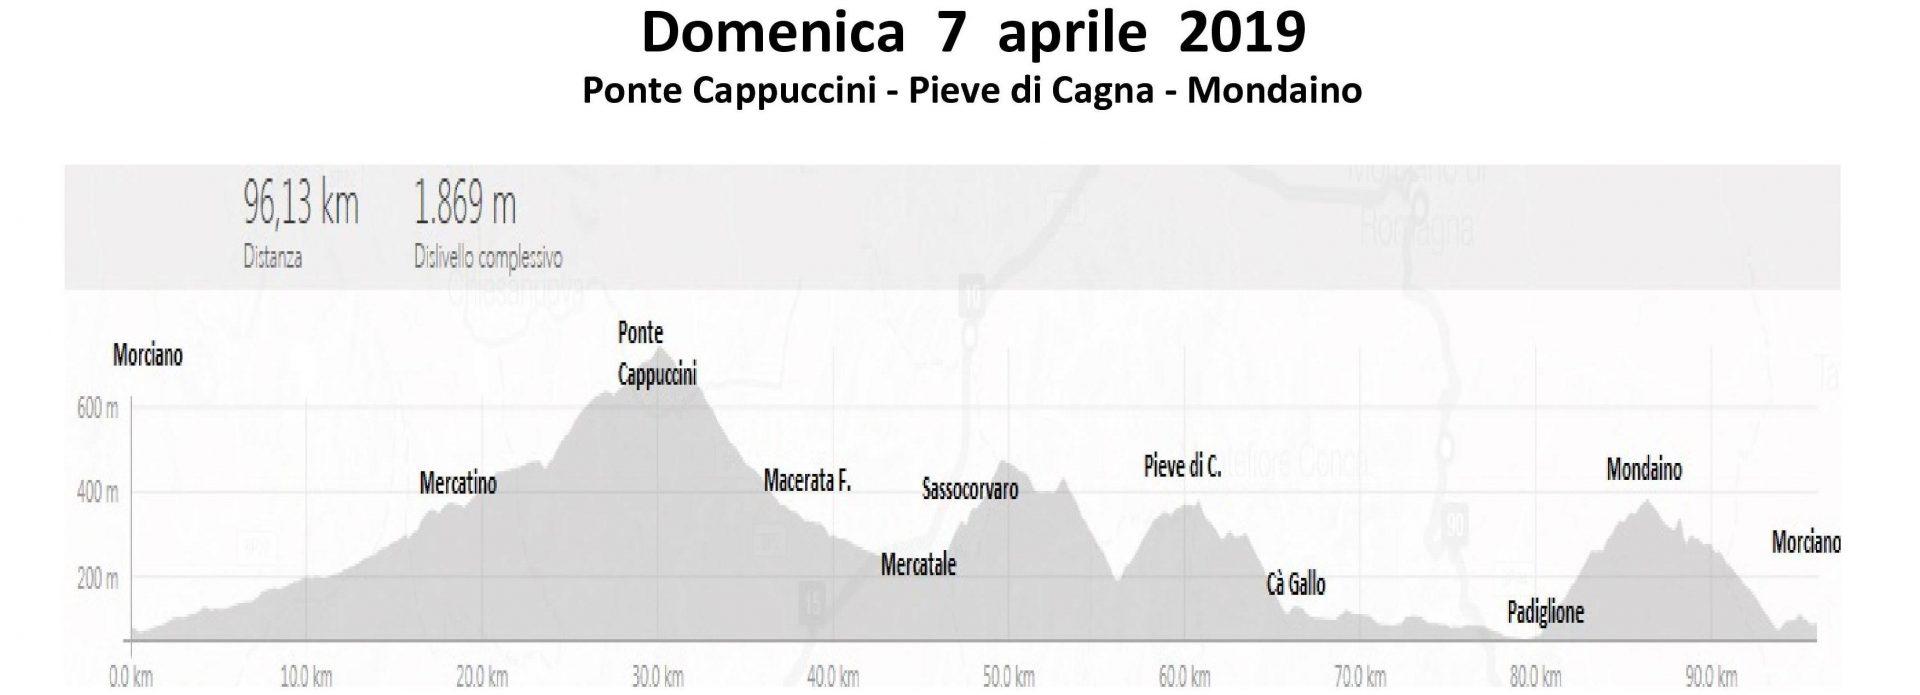 Domenica 7-apr-2019 – Ponte Cappuccini – Pieve di Cagna – Mondaino